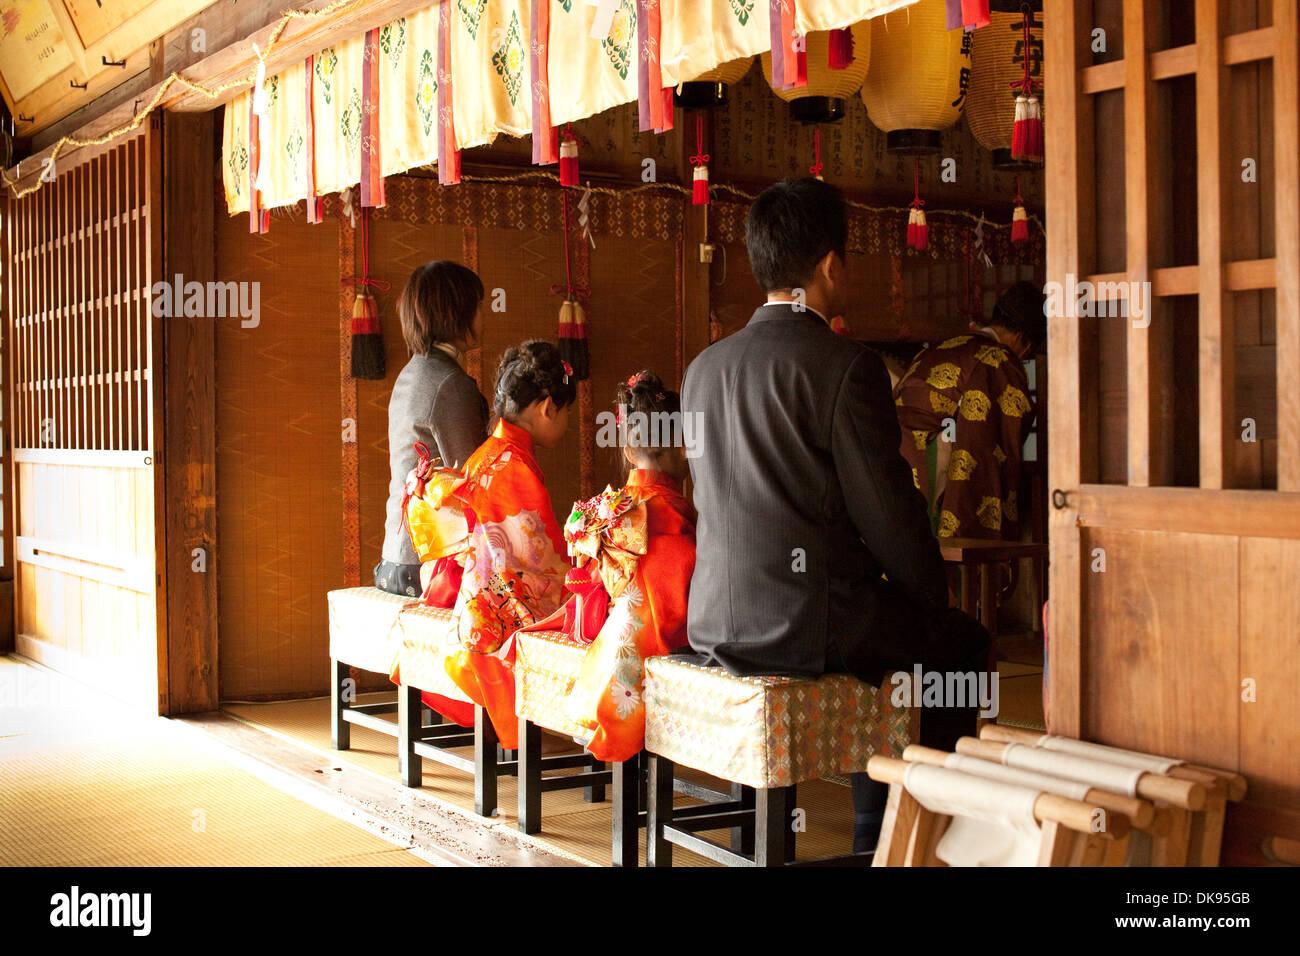 Shichi-go-san cerimonia giapponese Immagini Stock